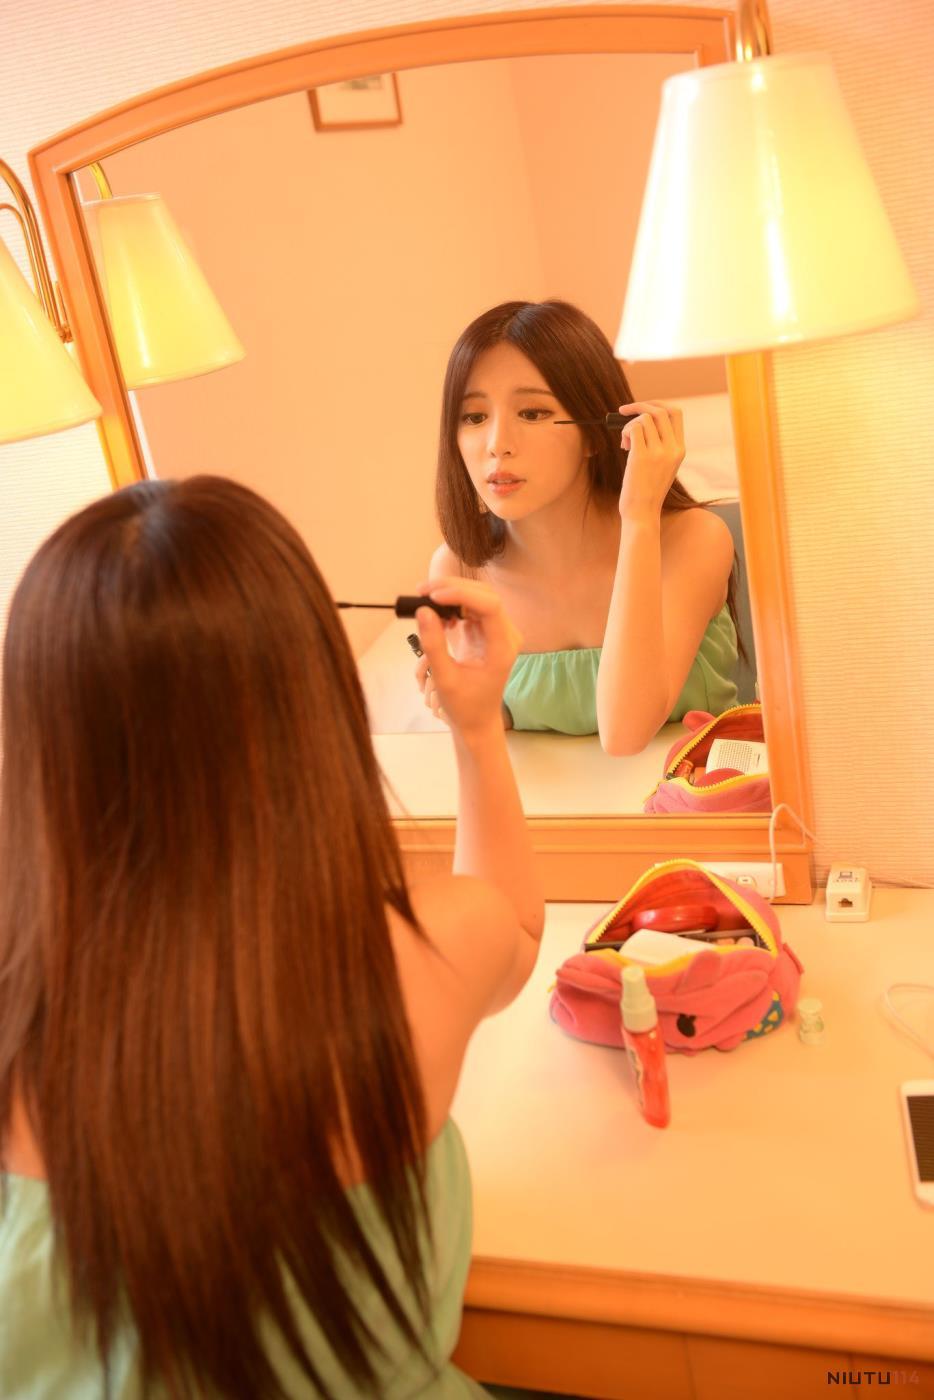 台湾美女网红少女张齐郡JULIE清纯诱人高清写真图片